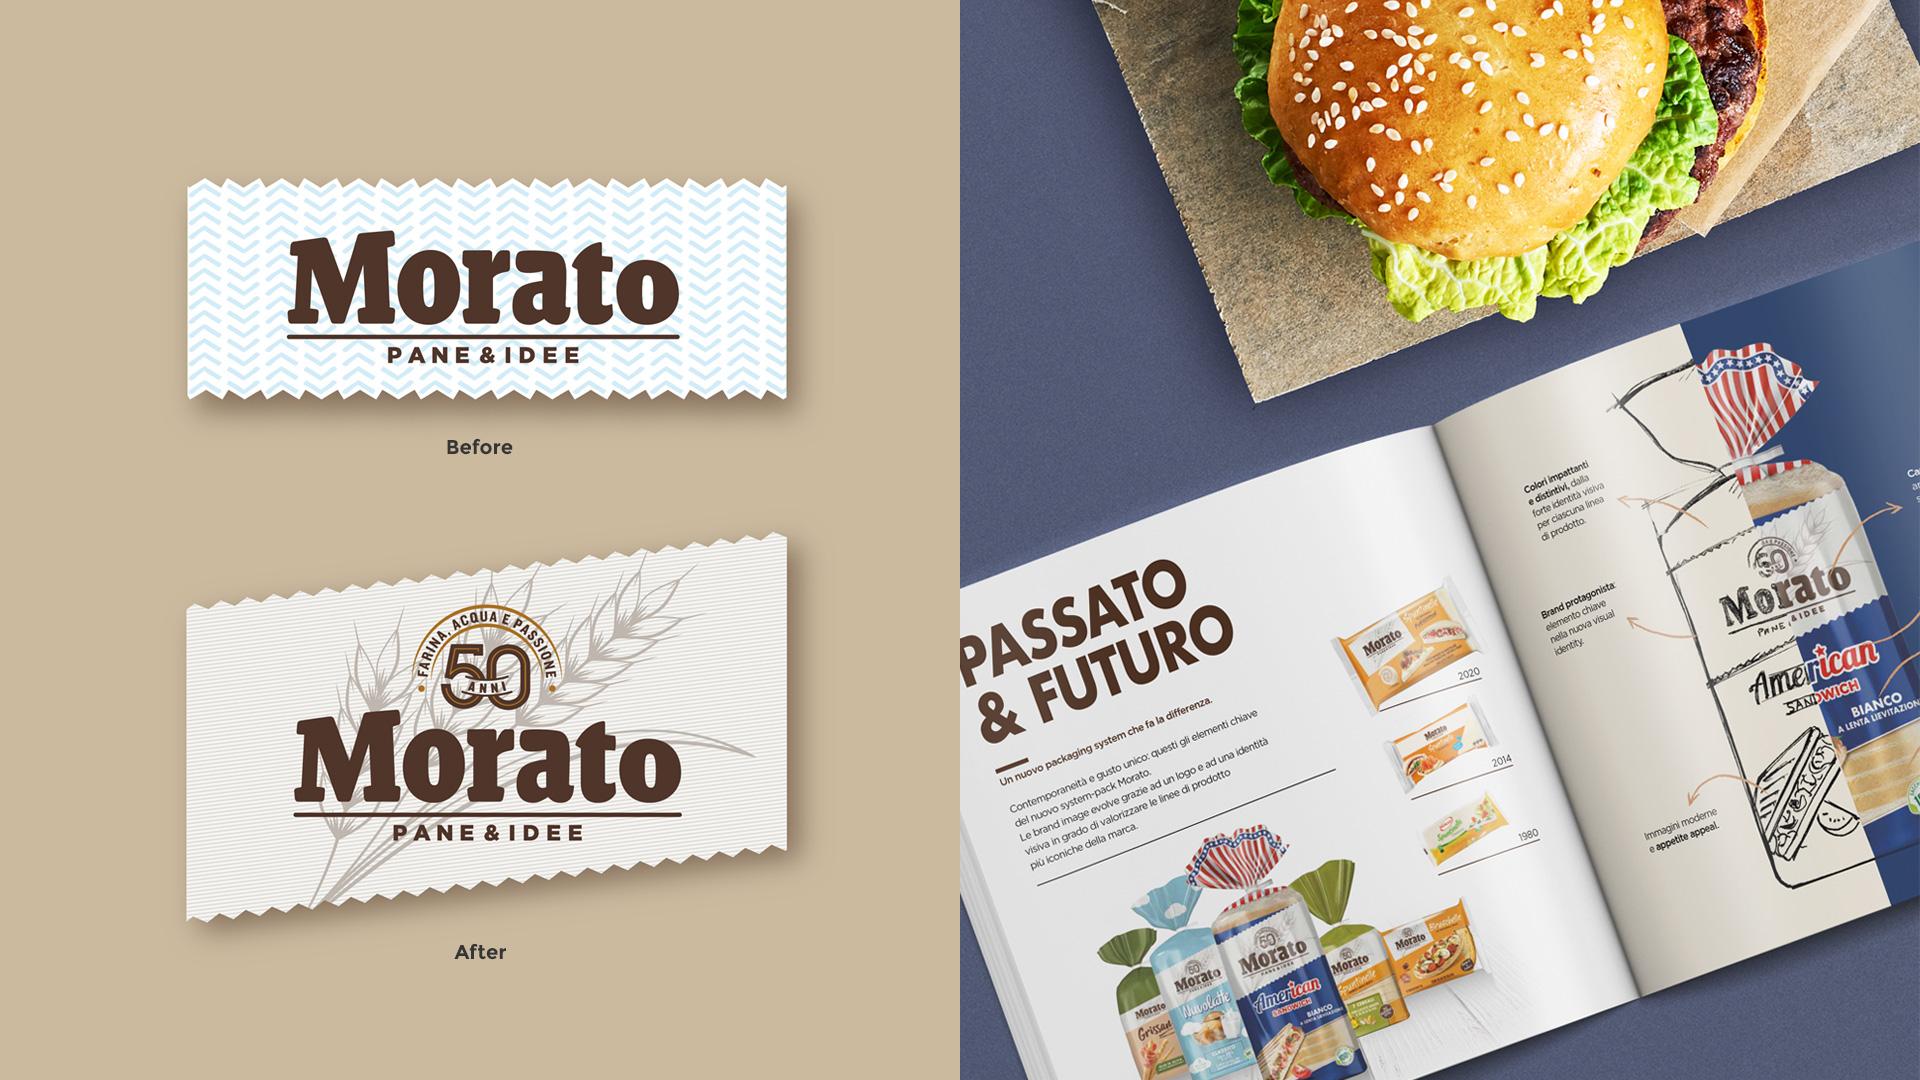 Morato-Rba-Design-002